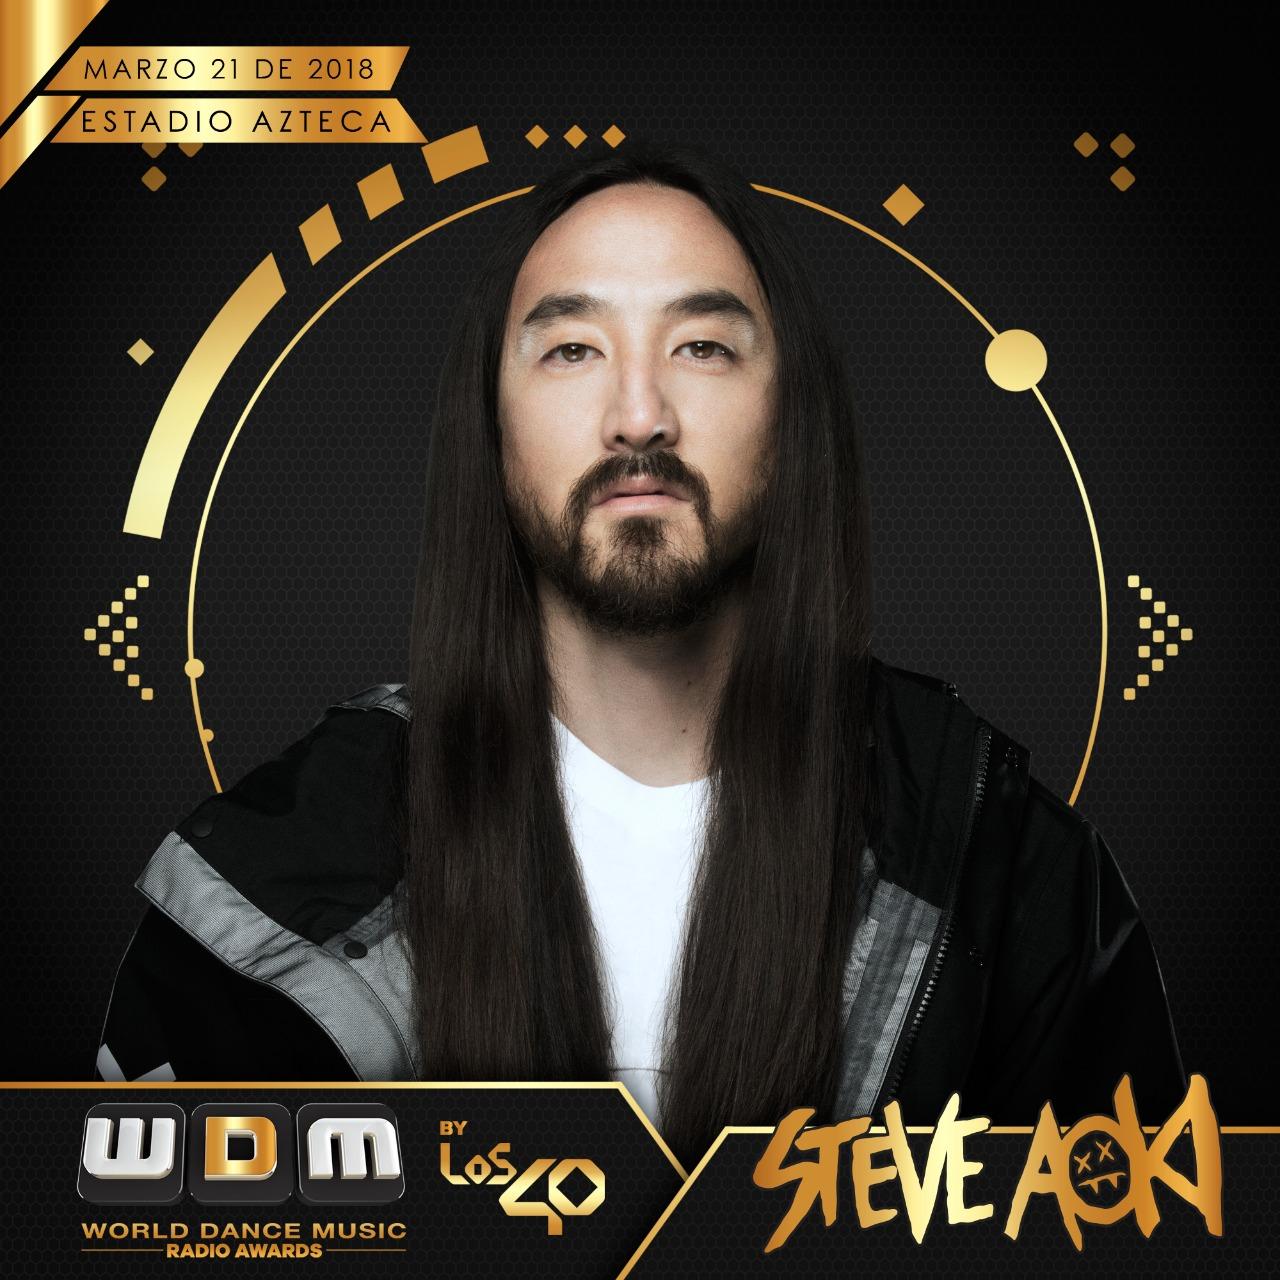 WDM Steve Aoki